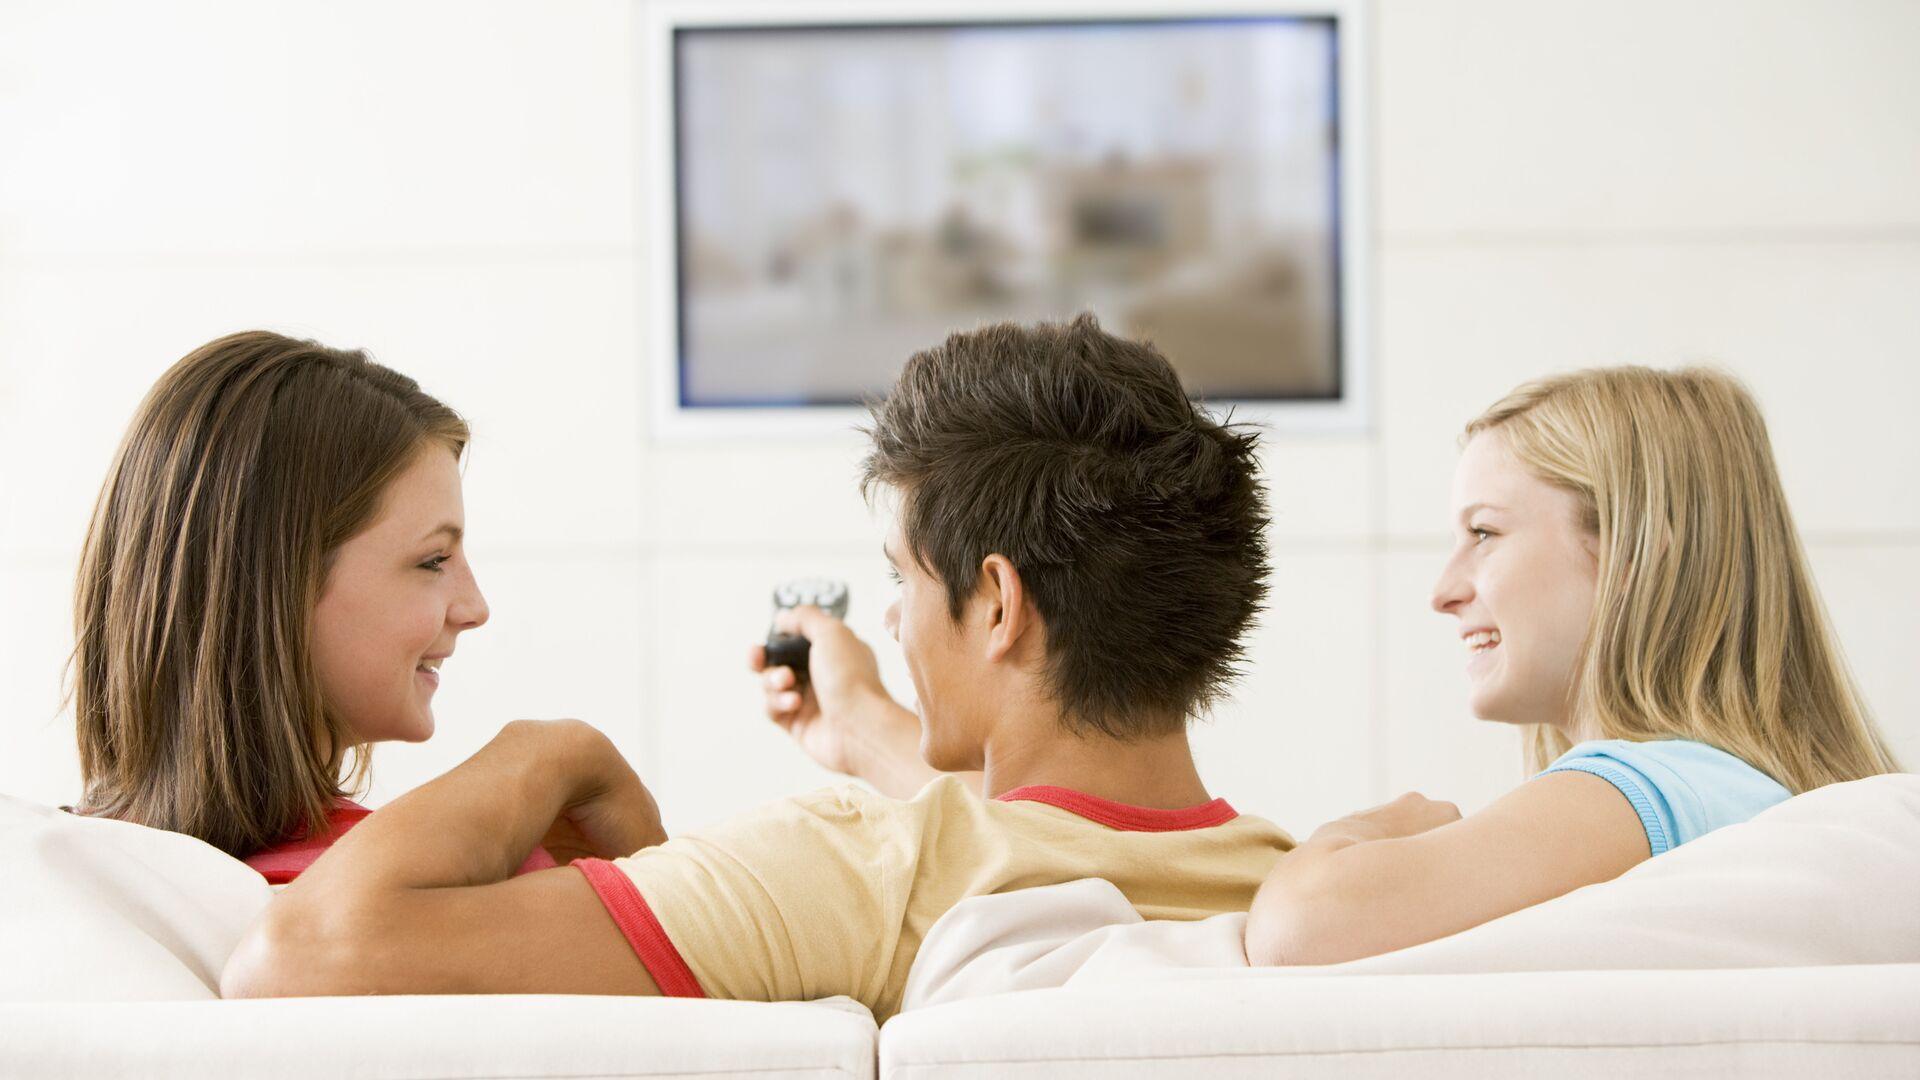 Молодые люди смотрят телевизор  - РИА Новости, 1920, 16.03.2021